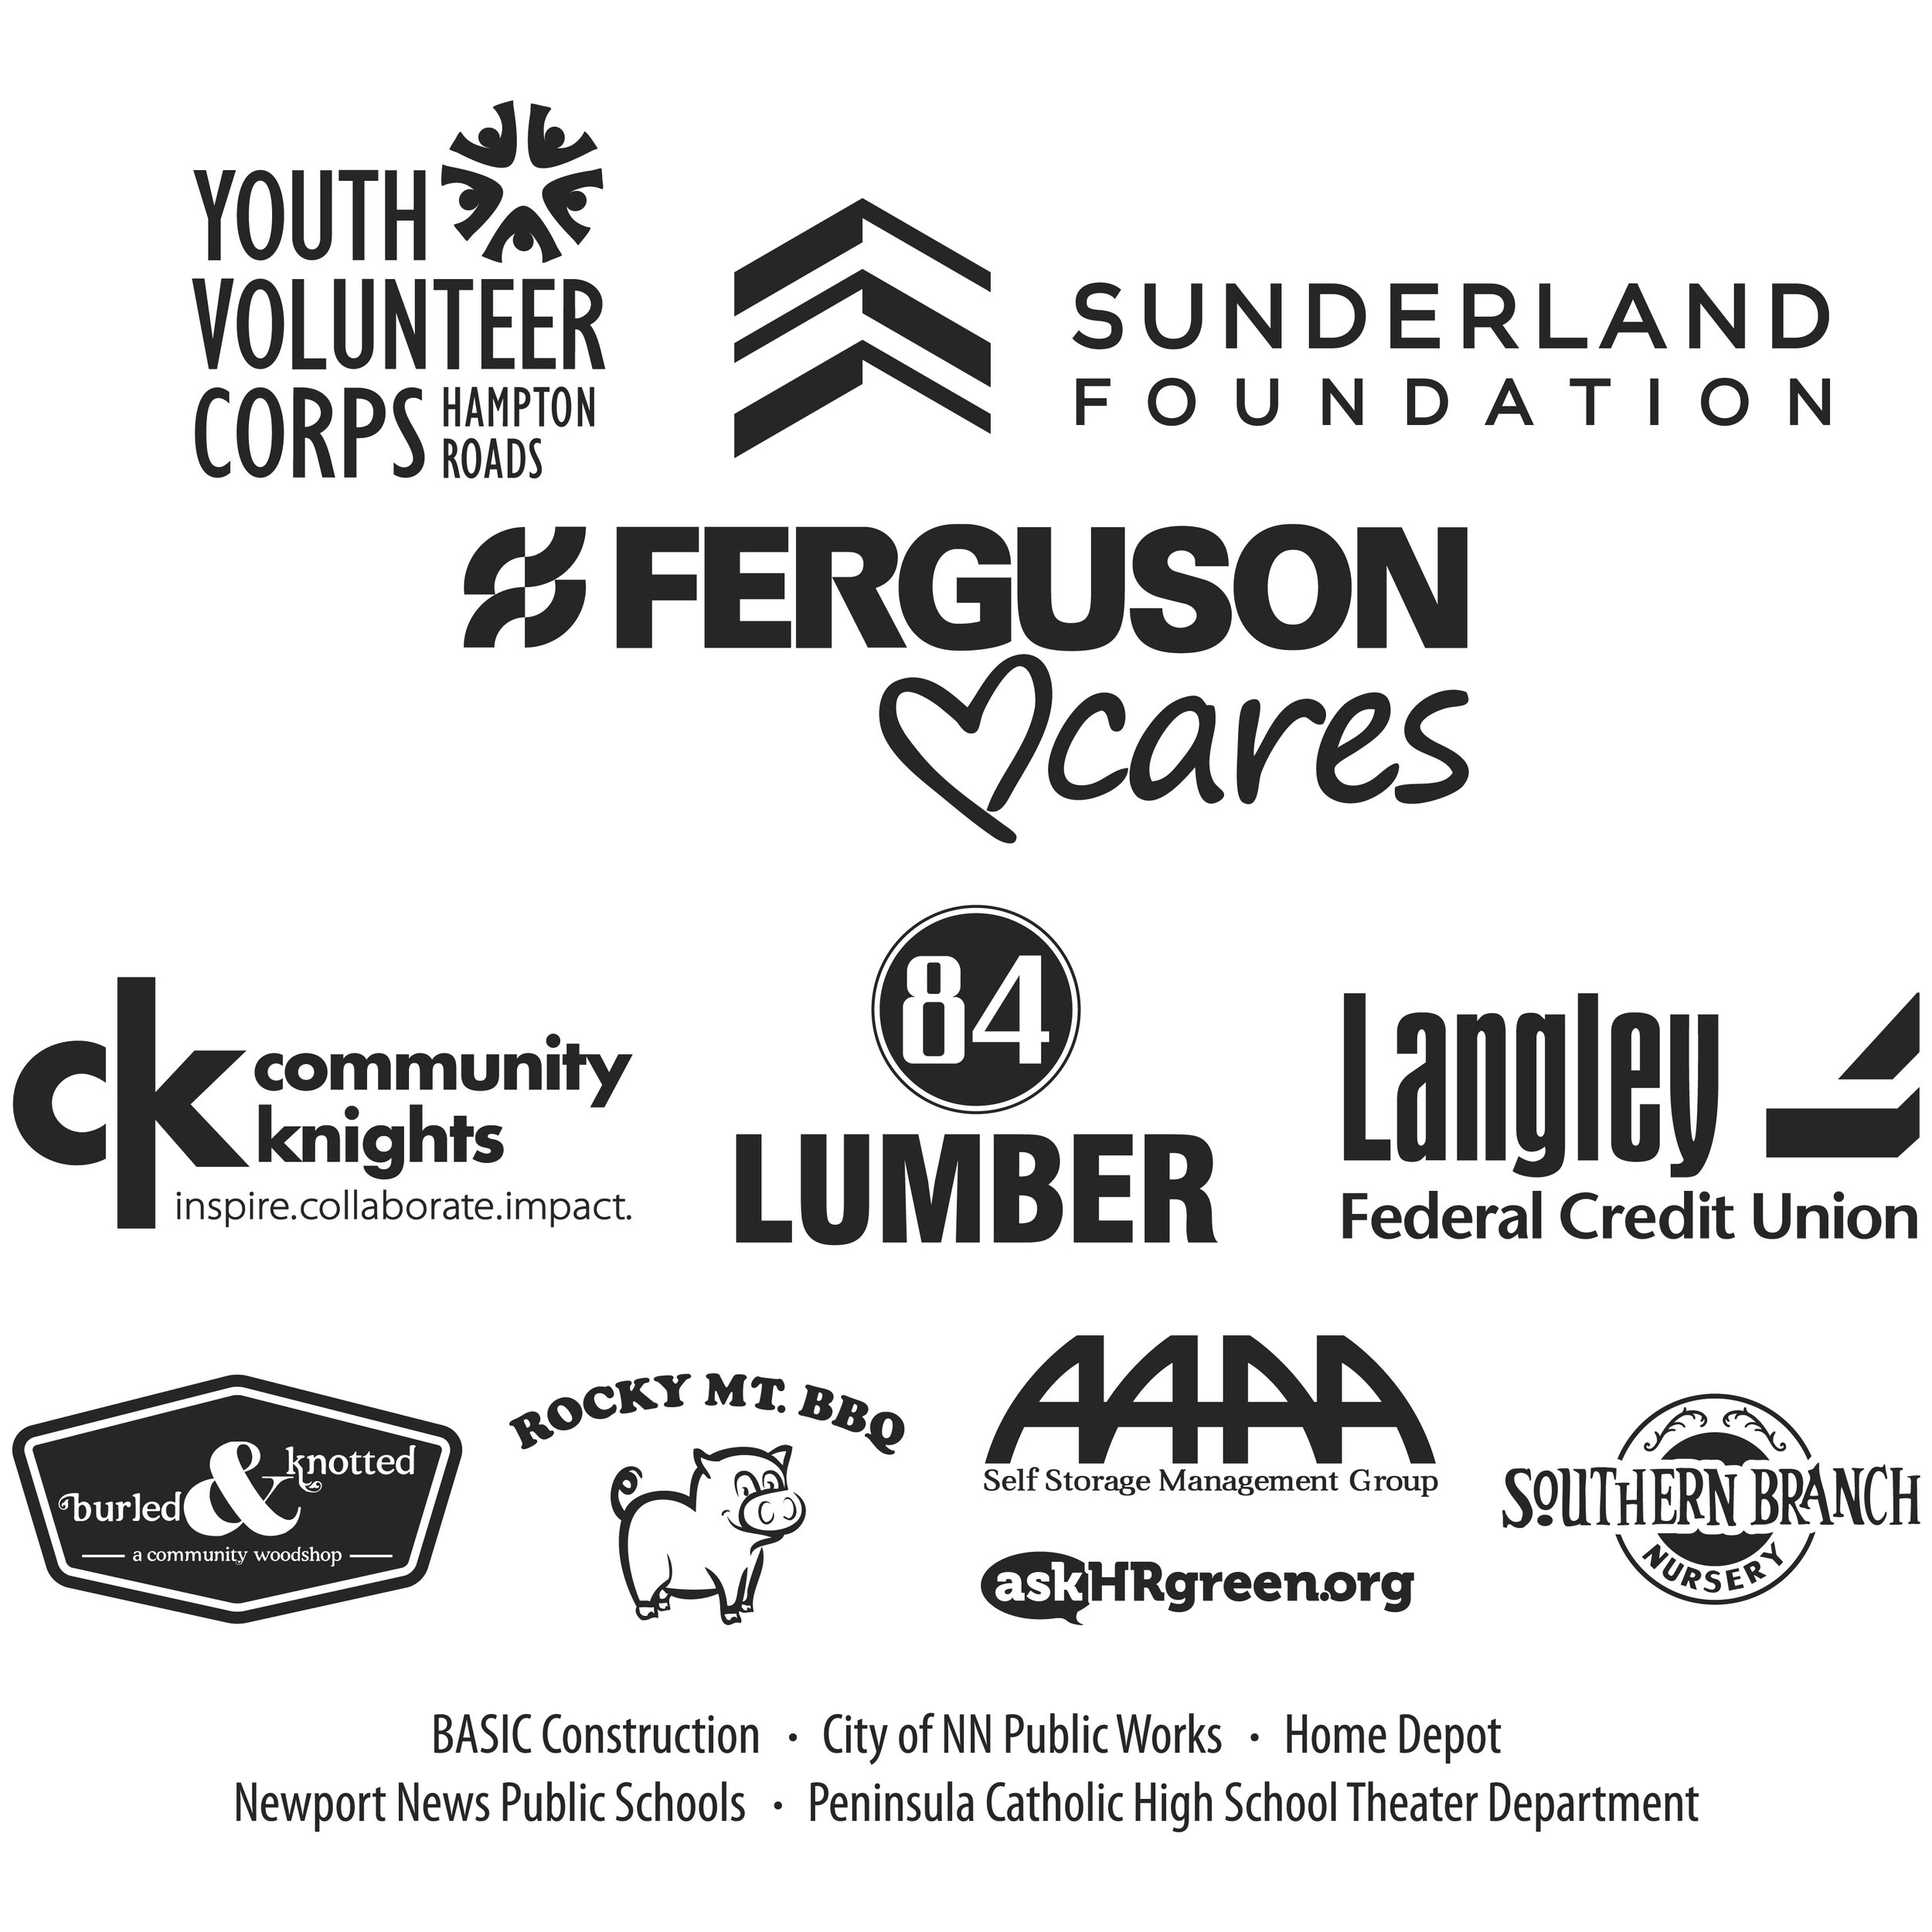 sponsors-ferg-large-sunderland.jpg